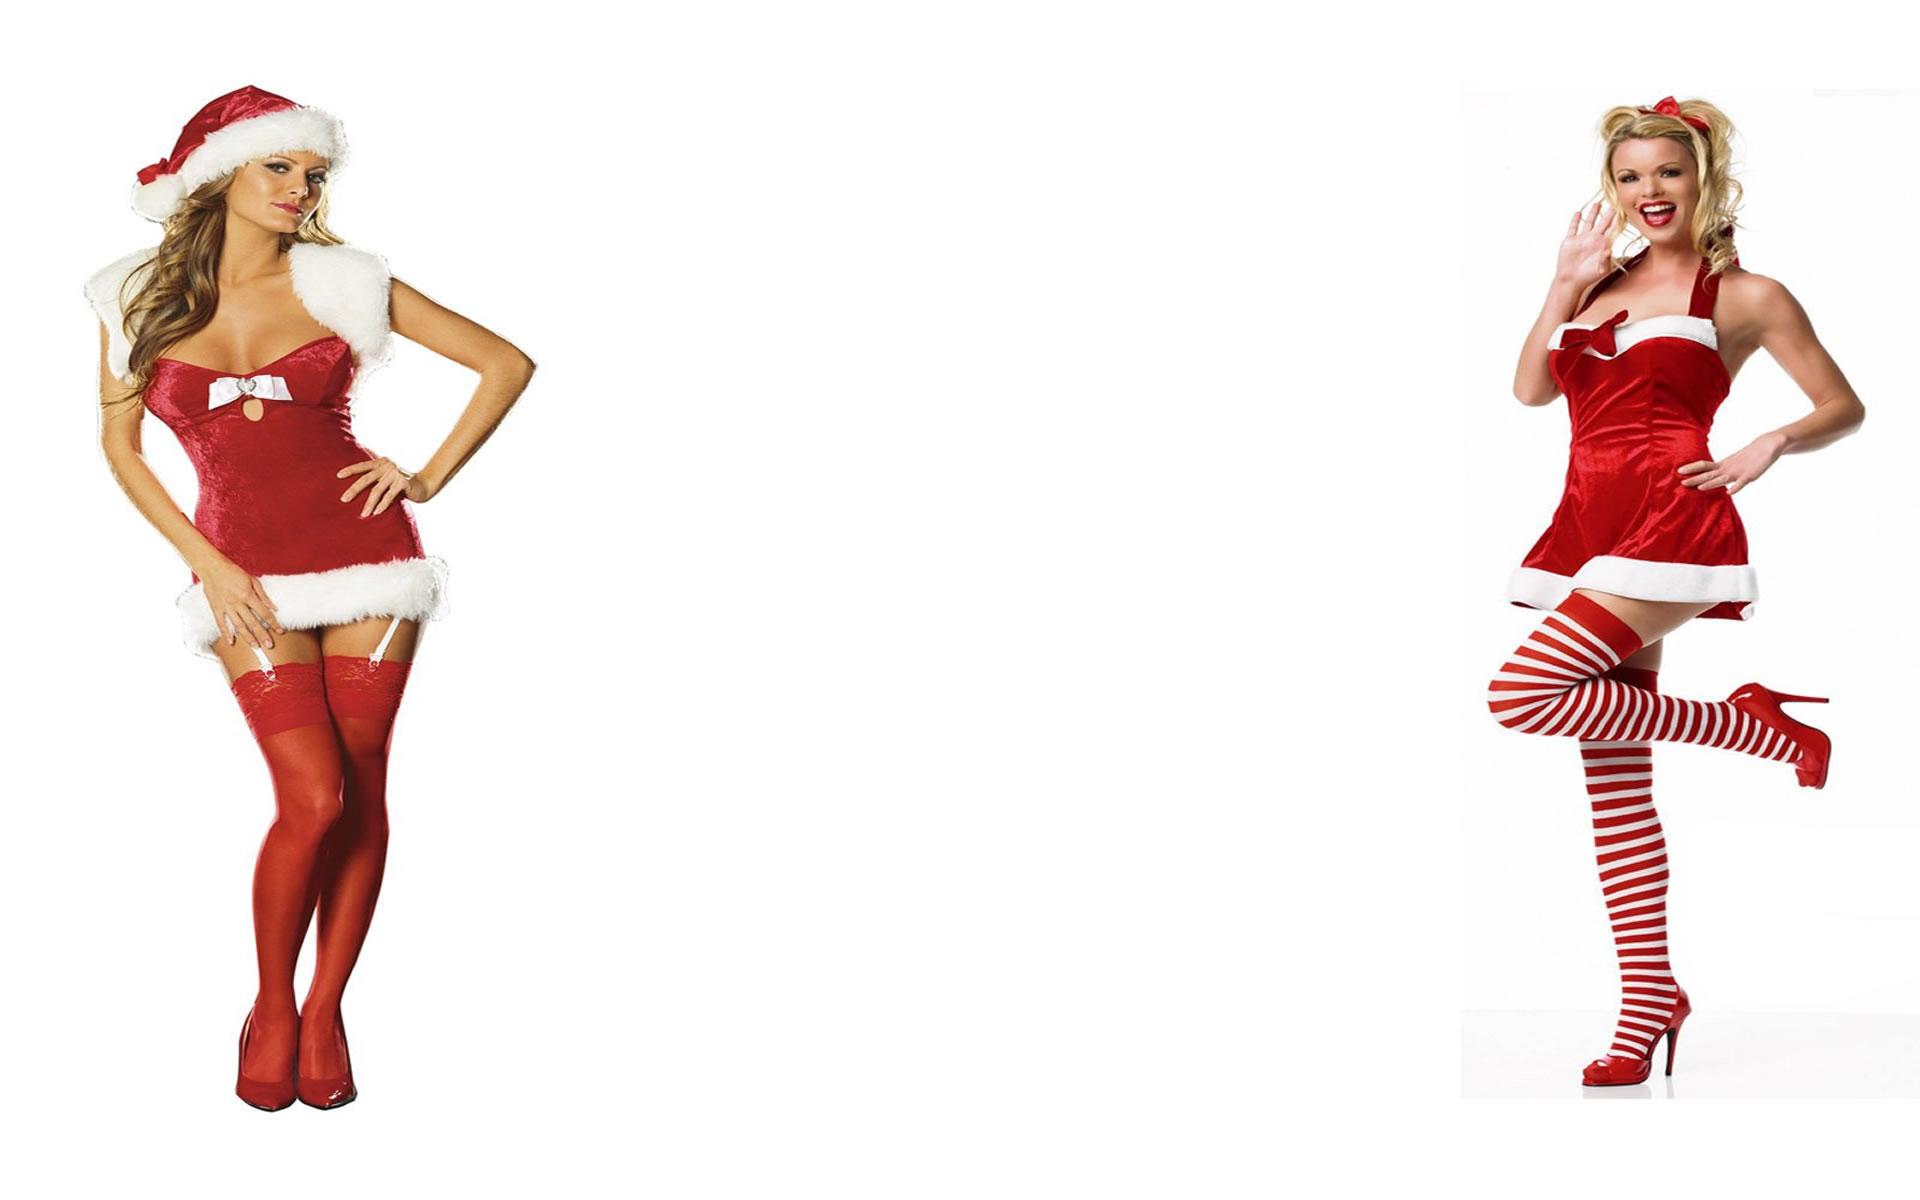 Wallpapers Chicas de Navidad